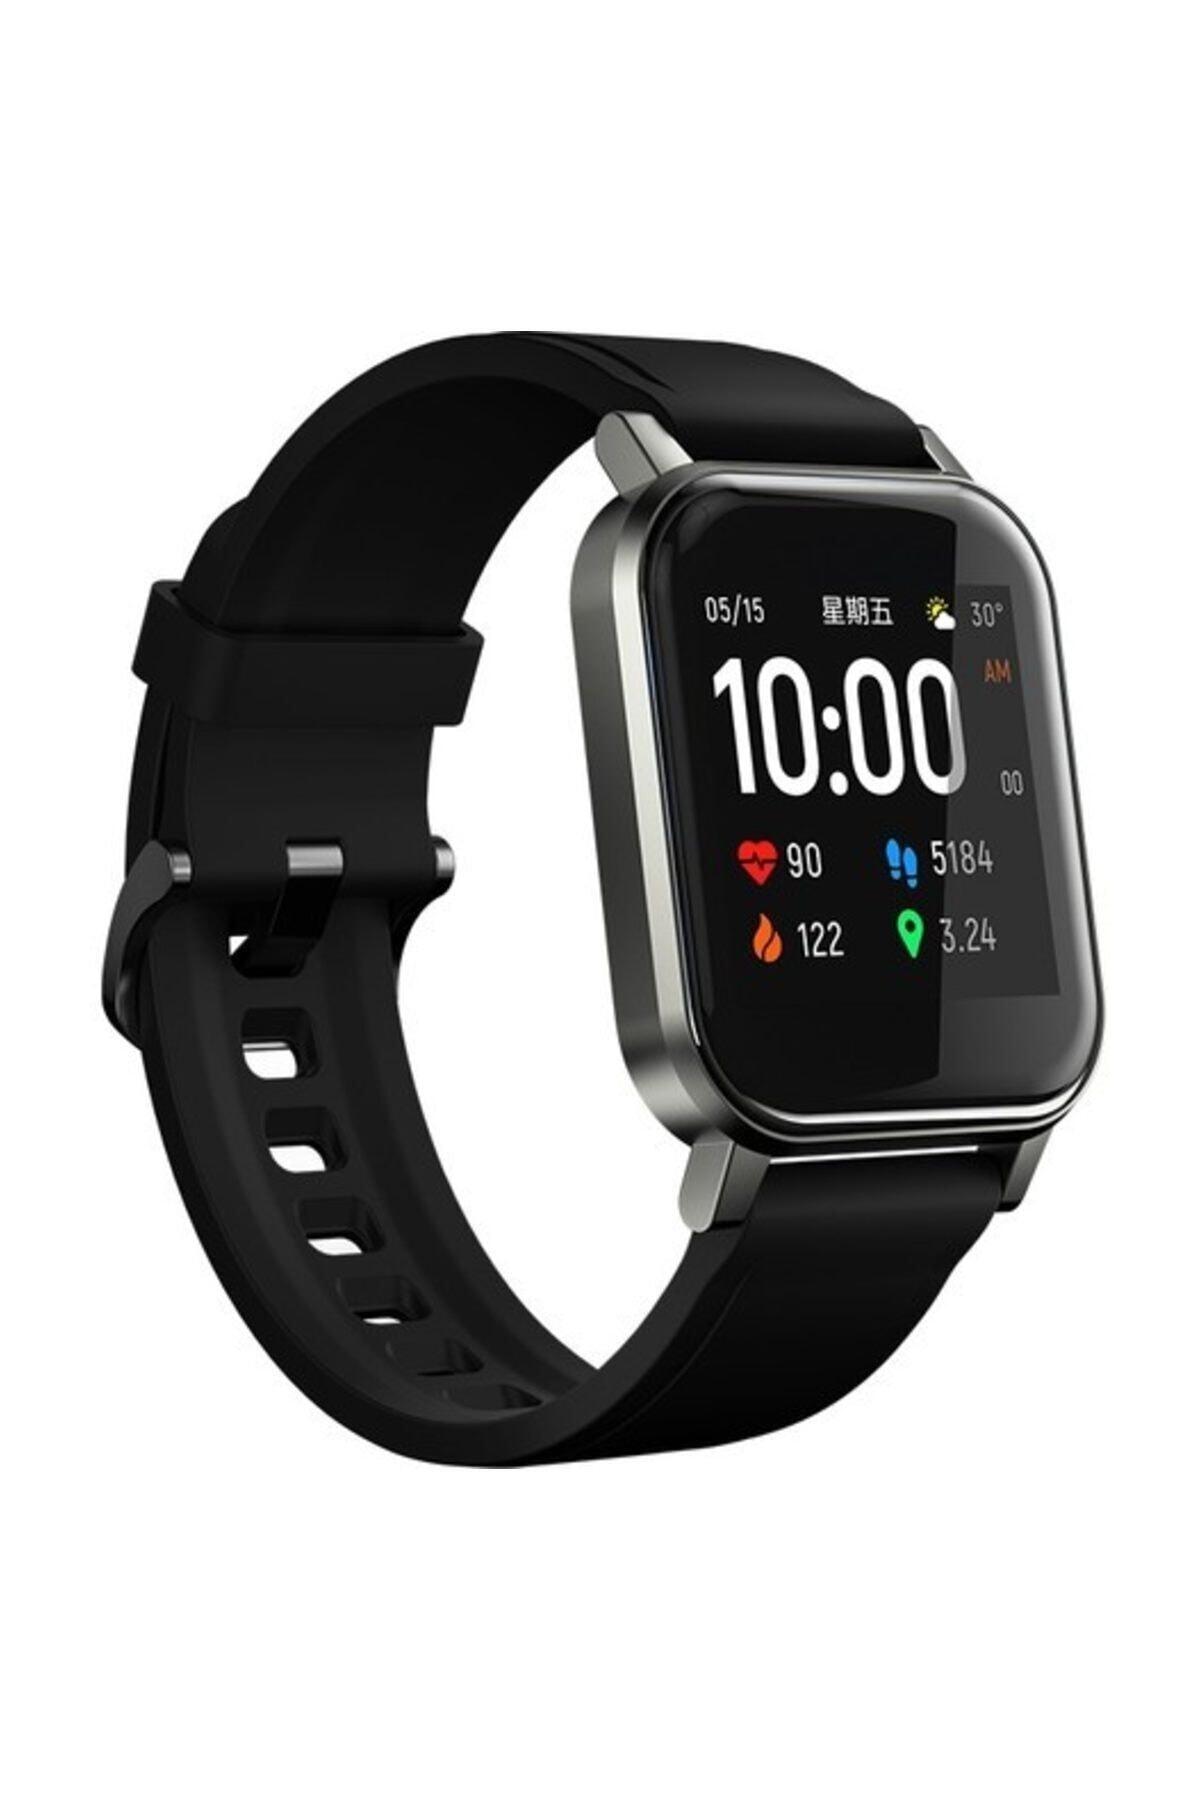 Haylou Ls02 Akıllı Saat, Ios Ve Android Uyumlu, Siyah 1